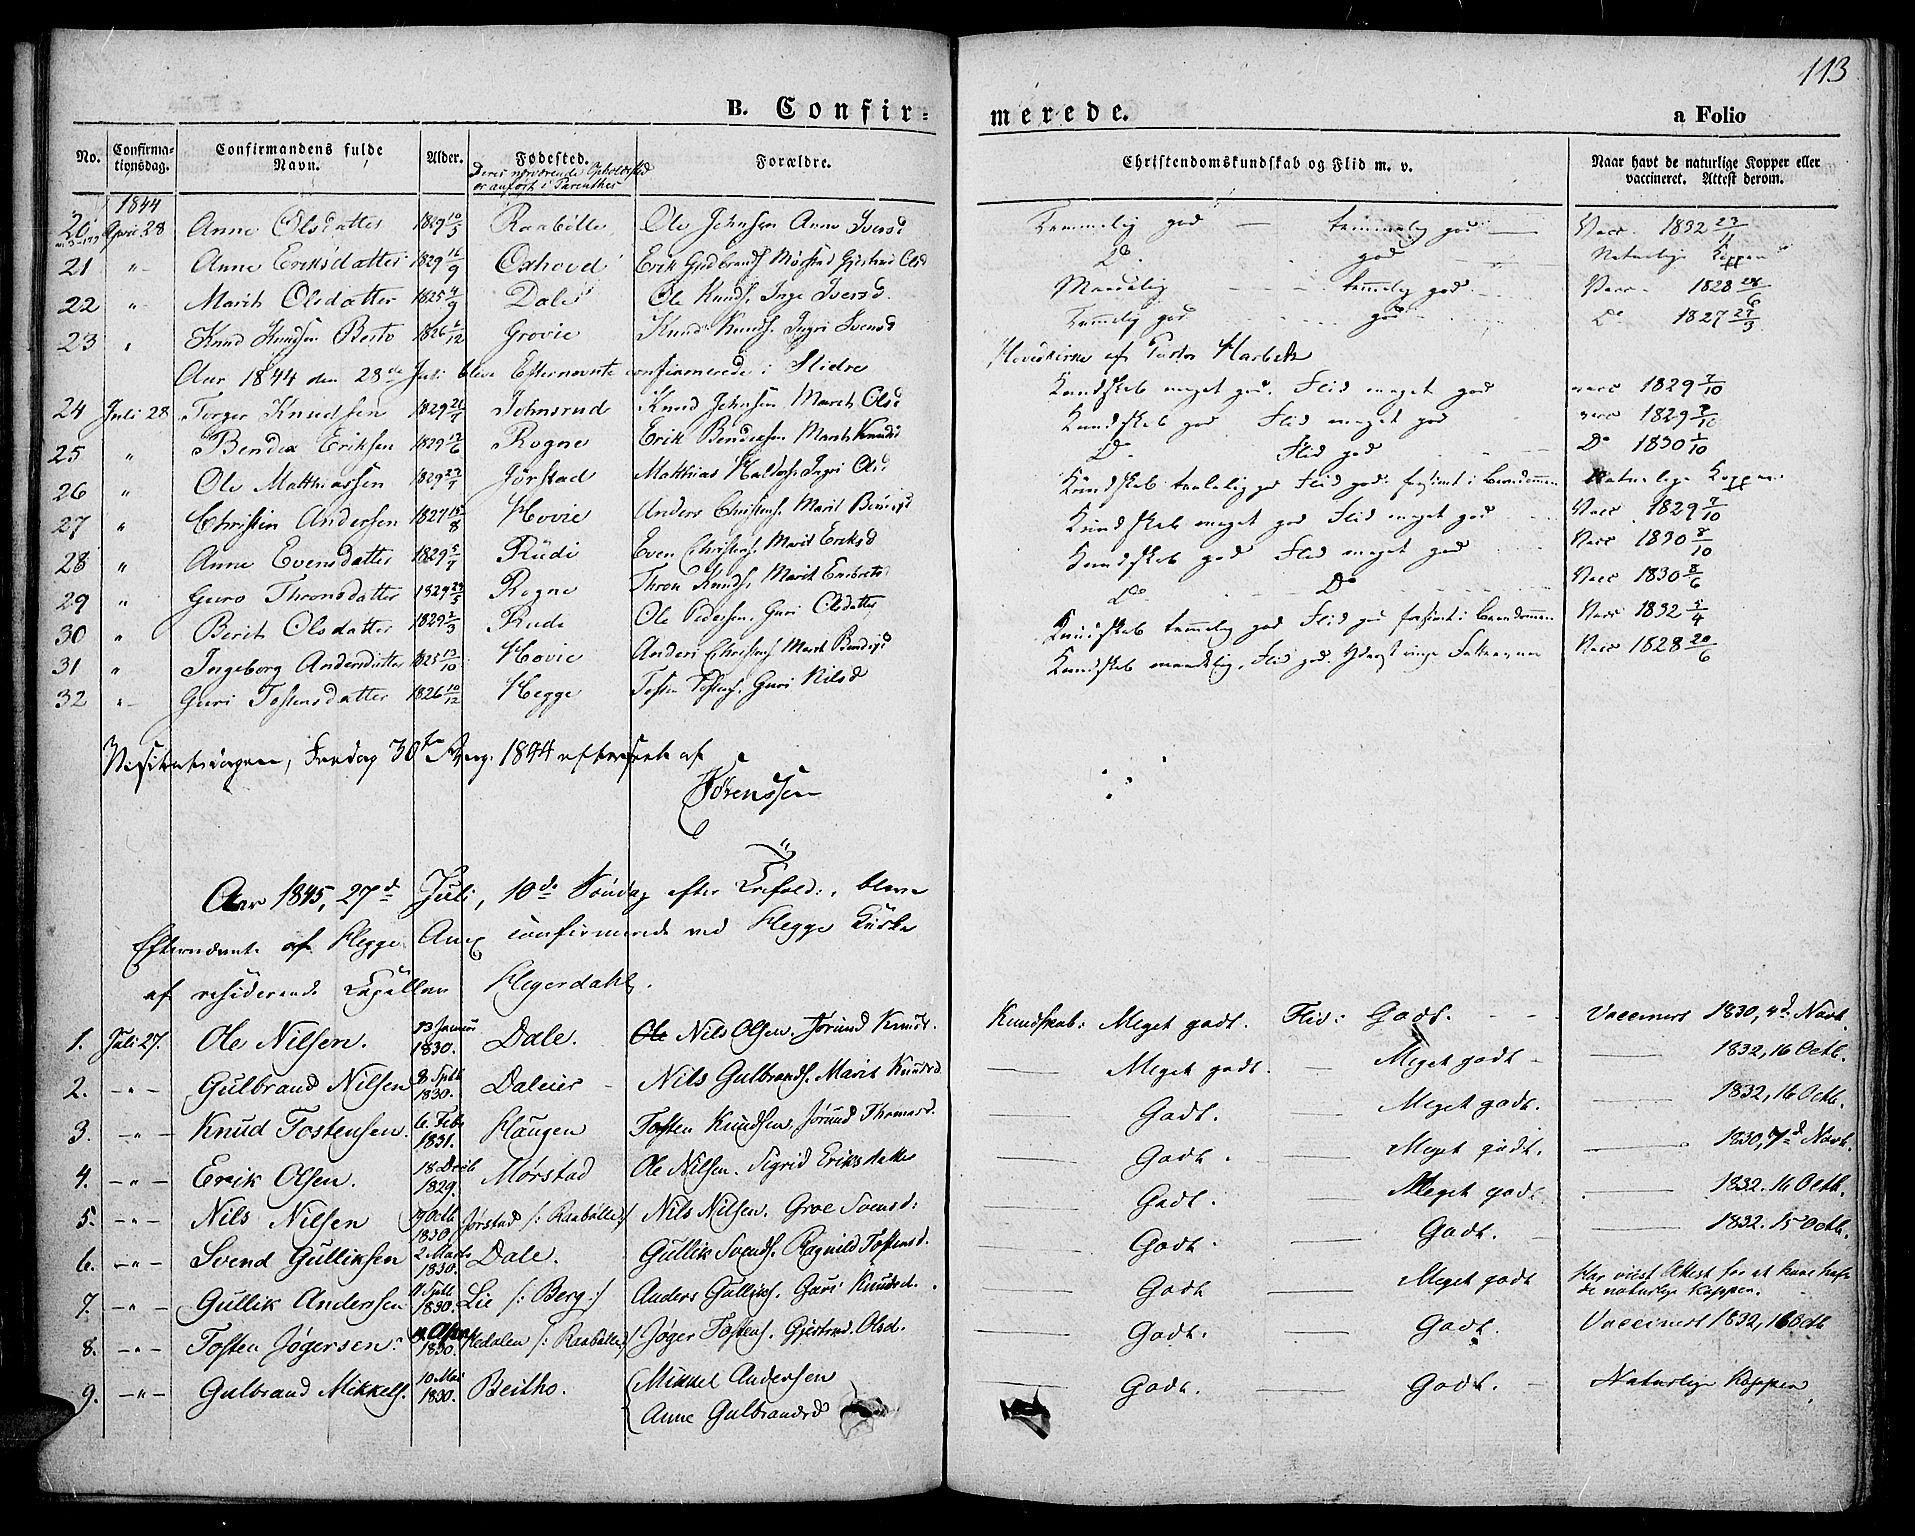 SAH, Slidre prestekontor, Ministerialbok nr. 4, 1831-1848, s. 113